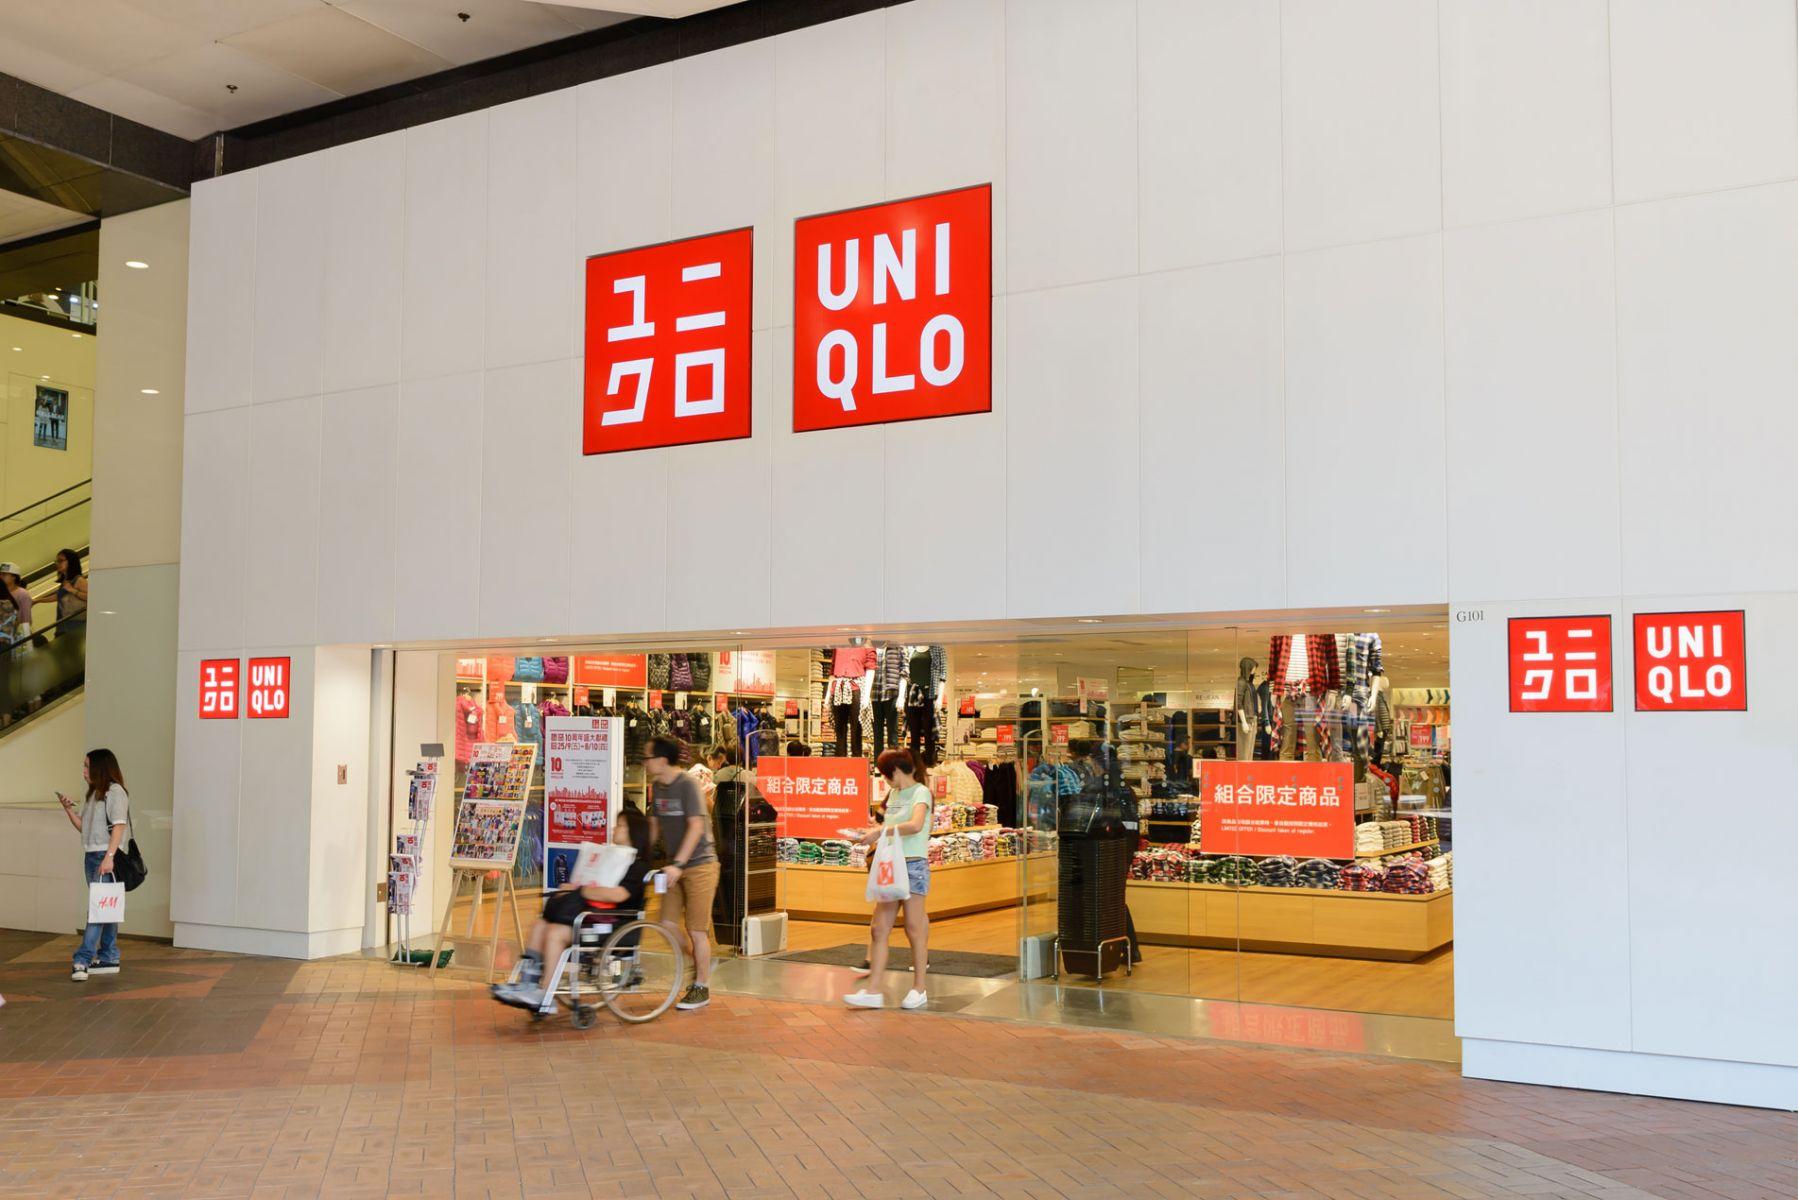 天候寒冷、冬衣銷售強勁 UNIQLO業績報喜